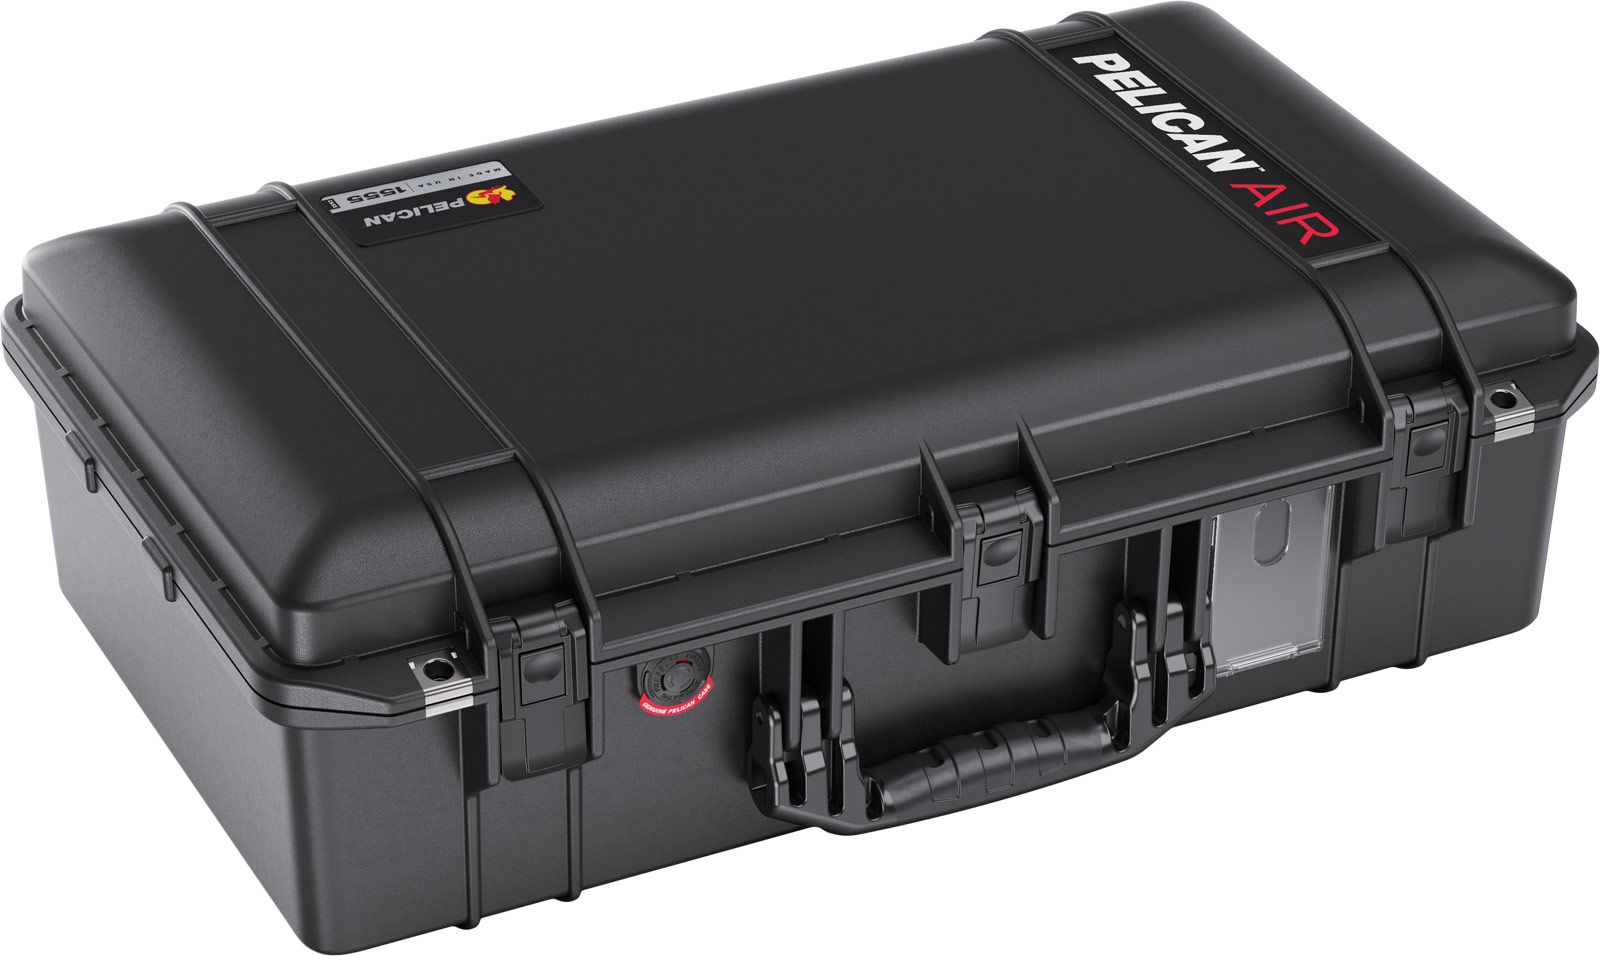 pelican air 1555 lightweight travel hard case